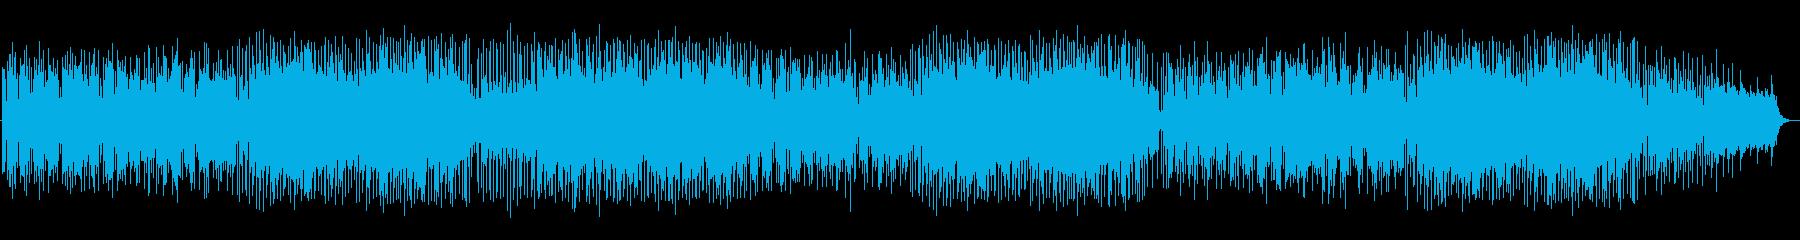 ラテンテイストのフュージョン曲の再生済みの波形